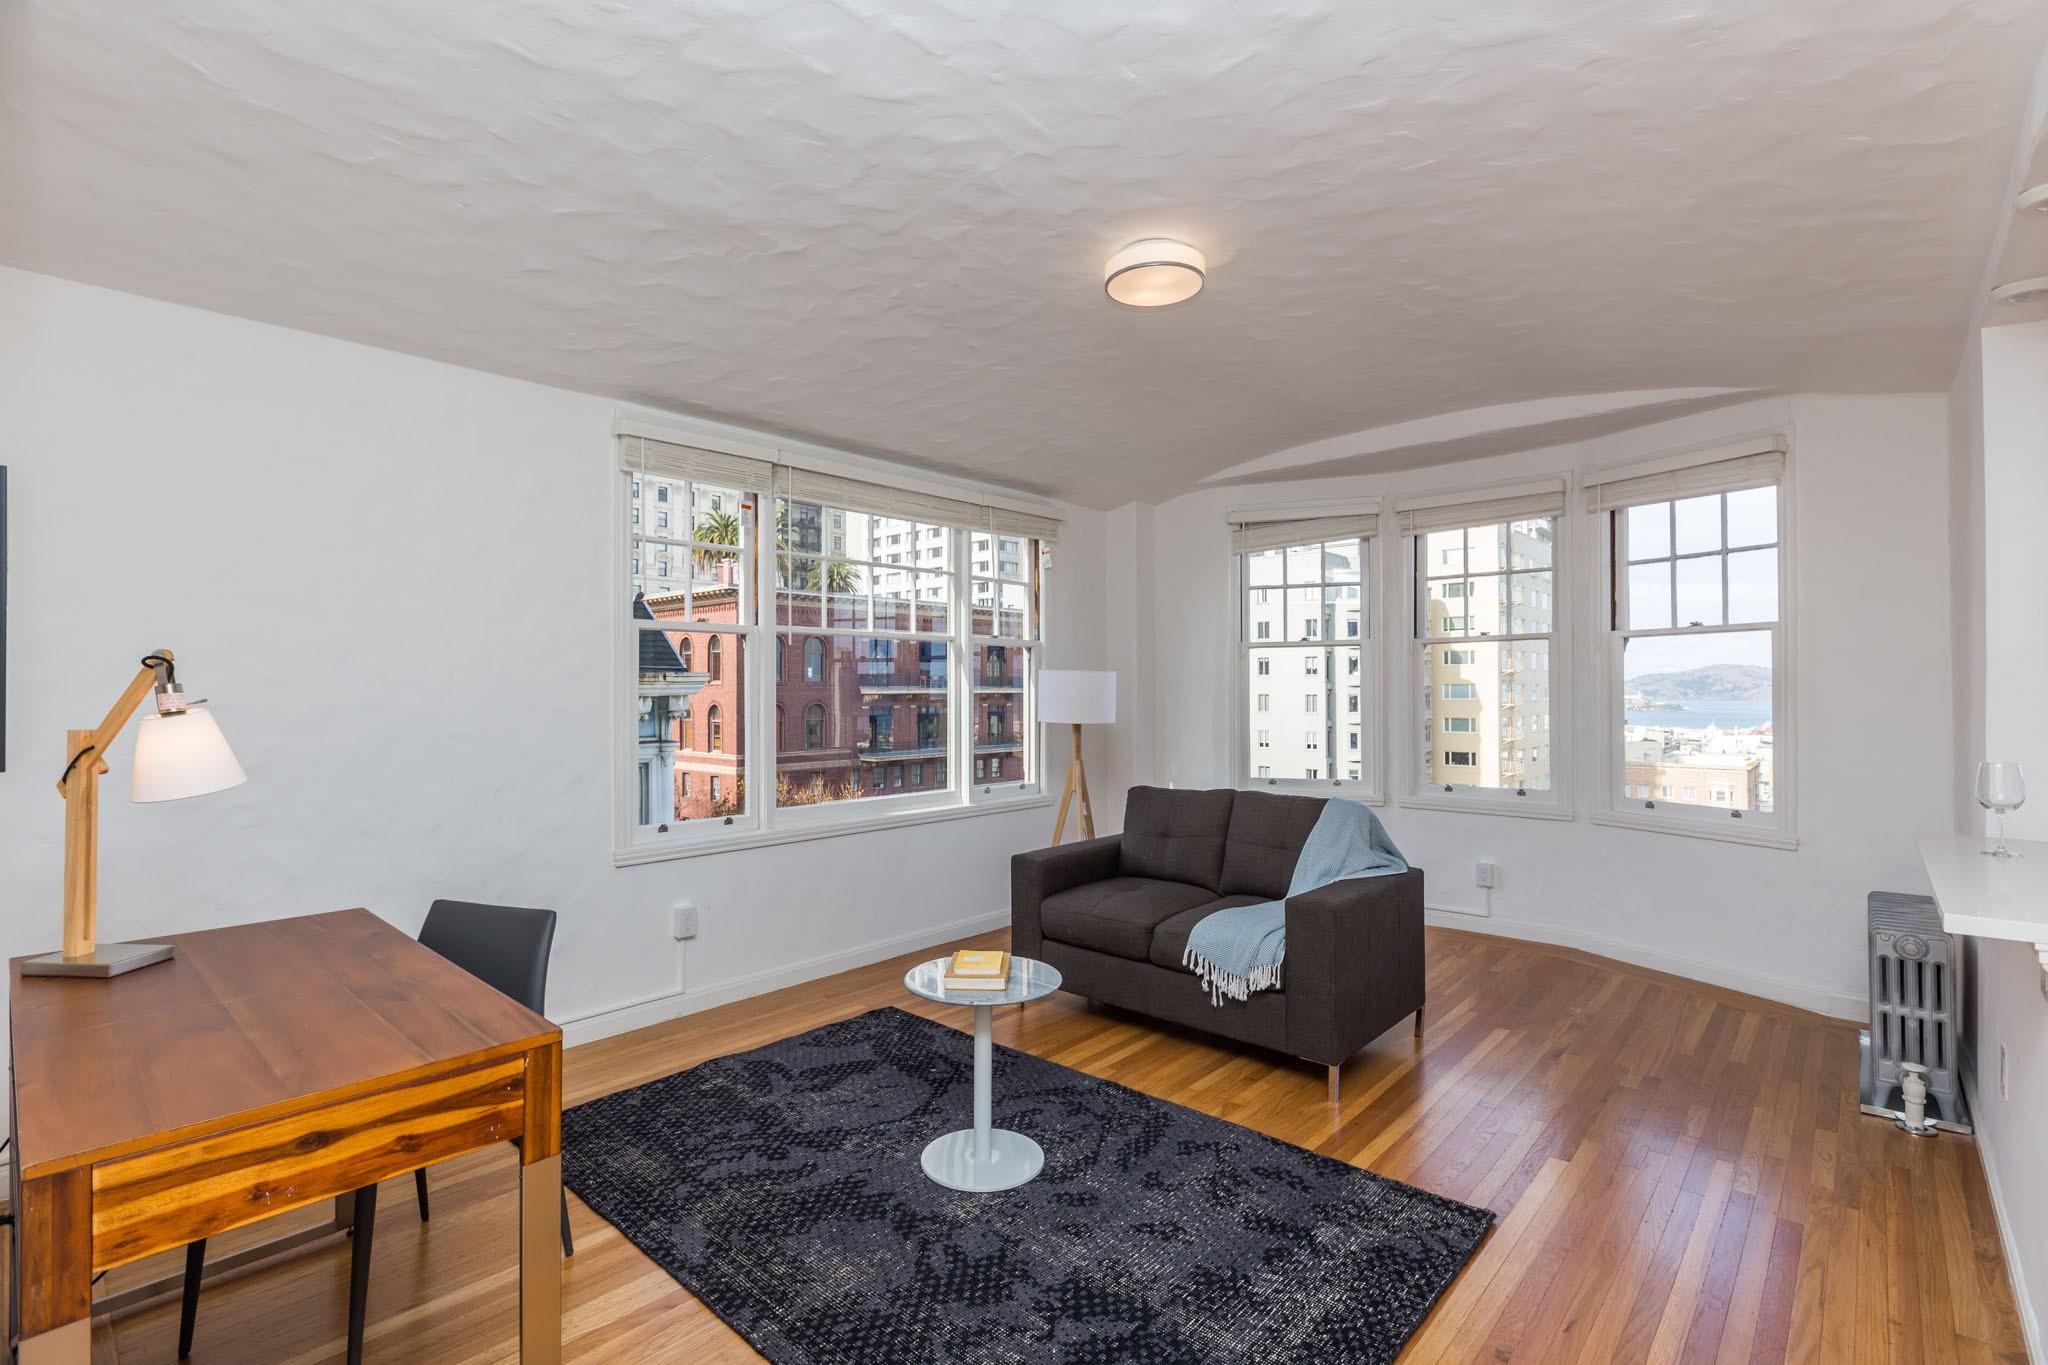 845 CALIFORNIA Apartments & Suites